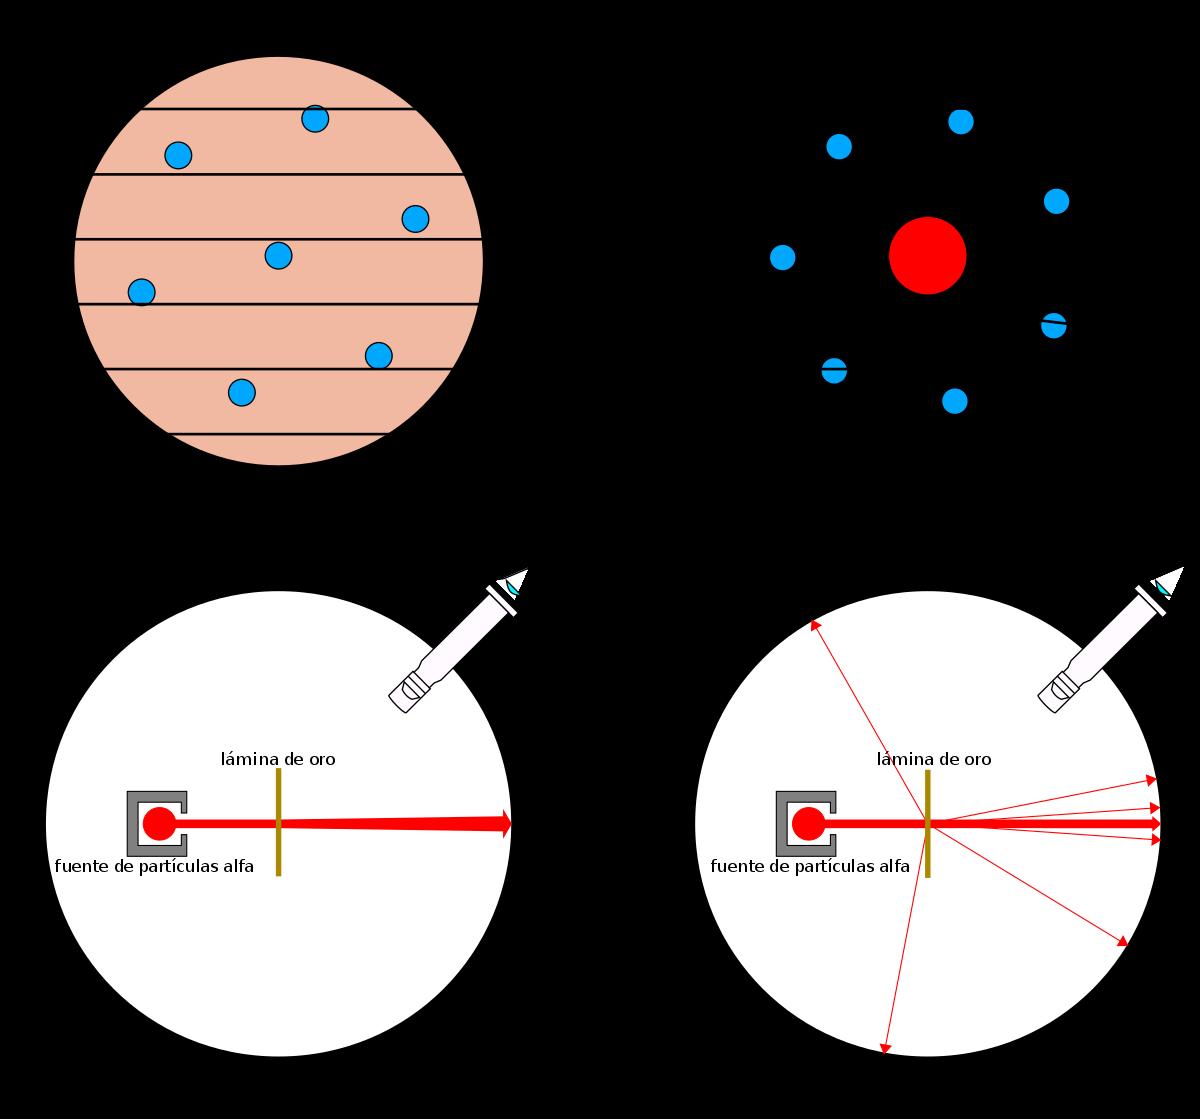 rutherford atomic model pdf